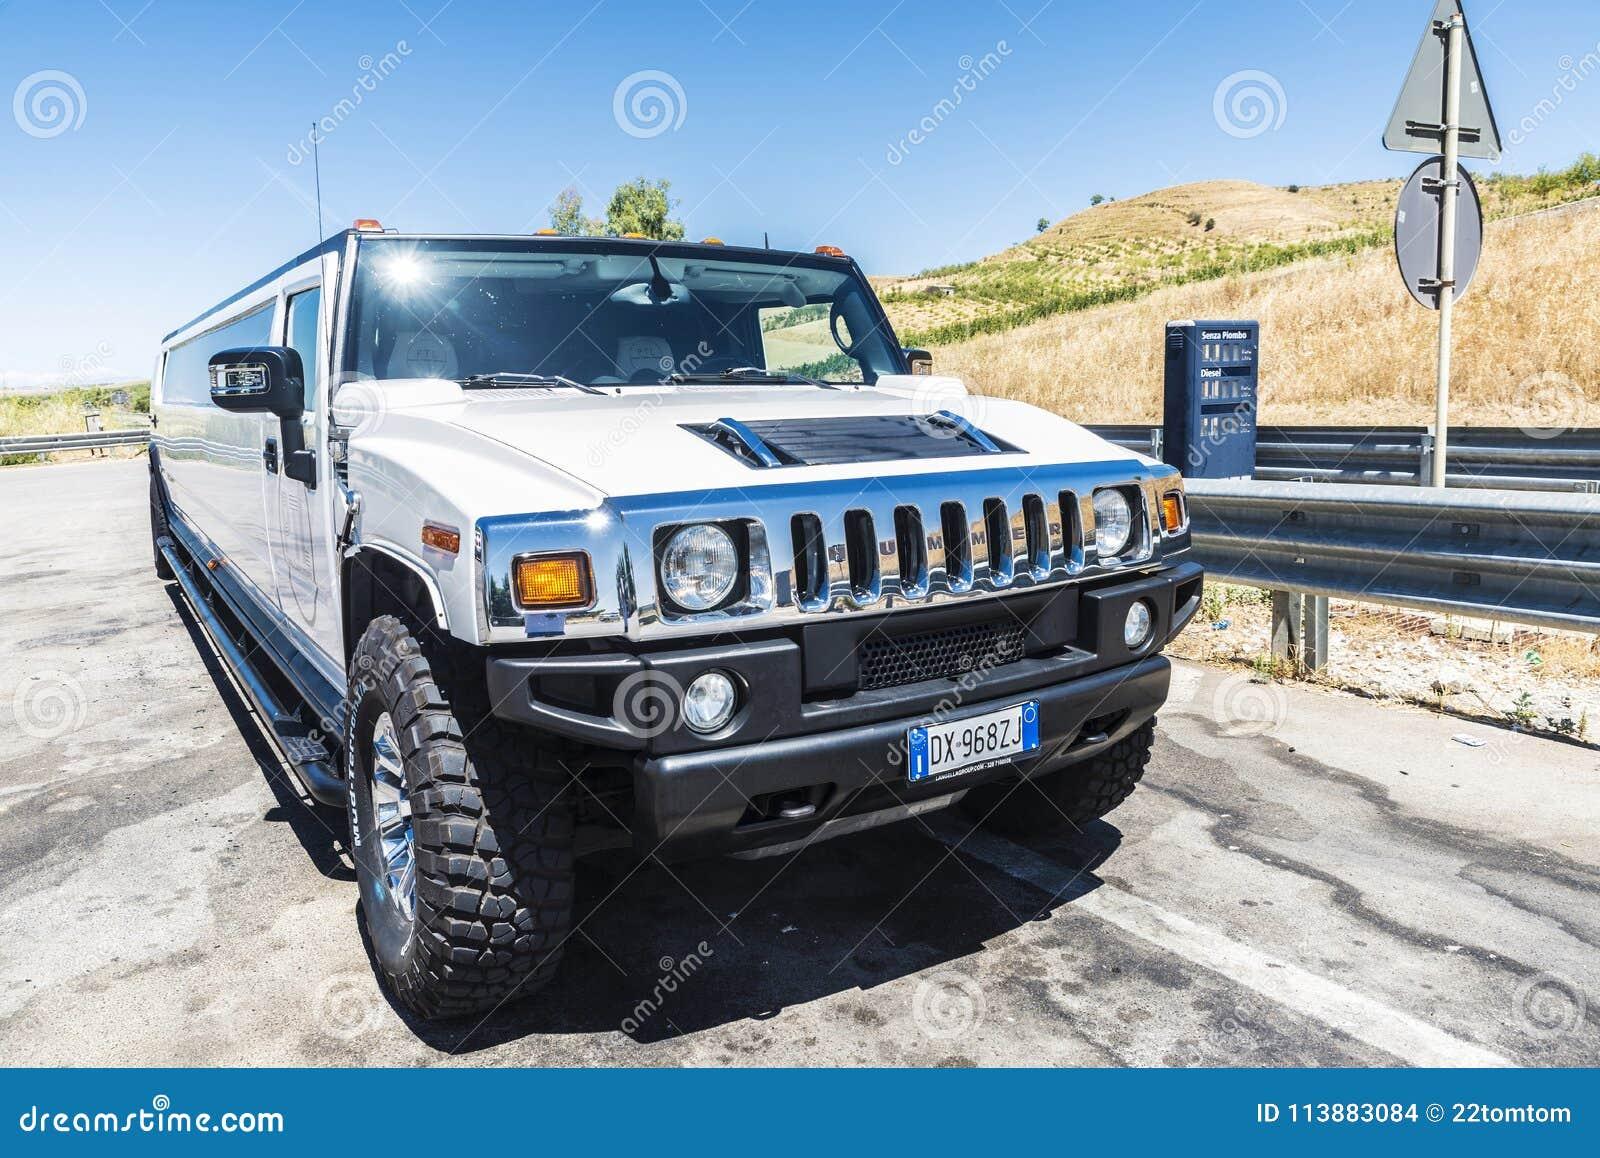 Limousine Con Vasca Da Bagno.Limousine Bianche Di Lusso Della Marca Hummer In Sicilia Italia